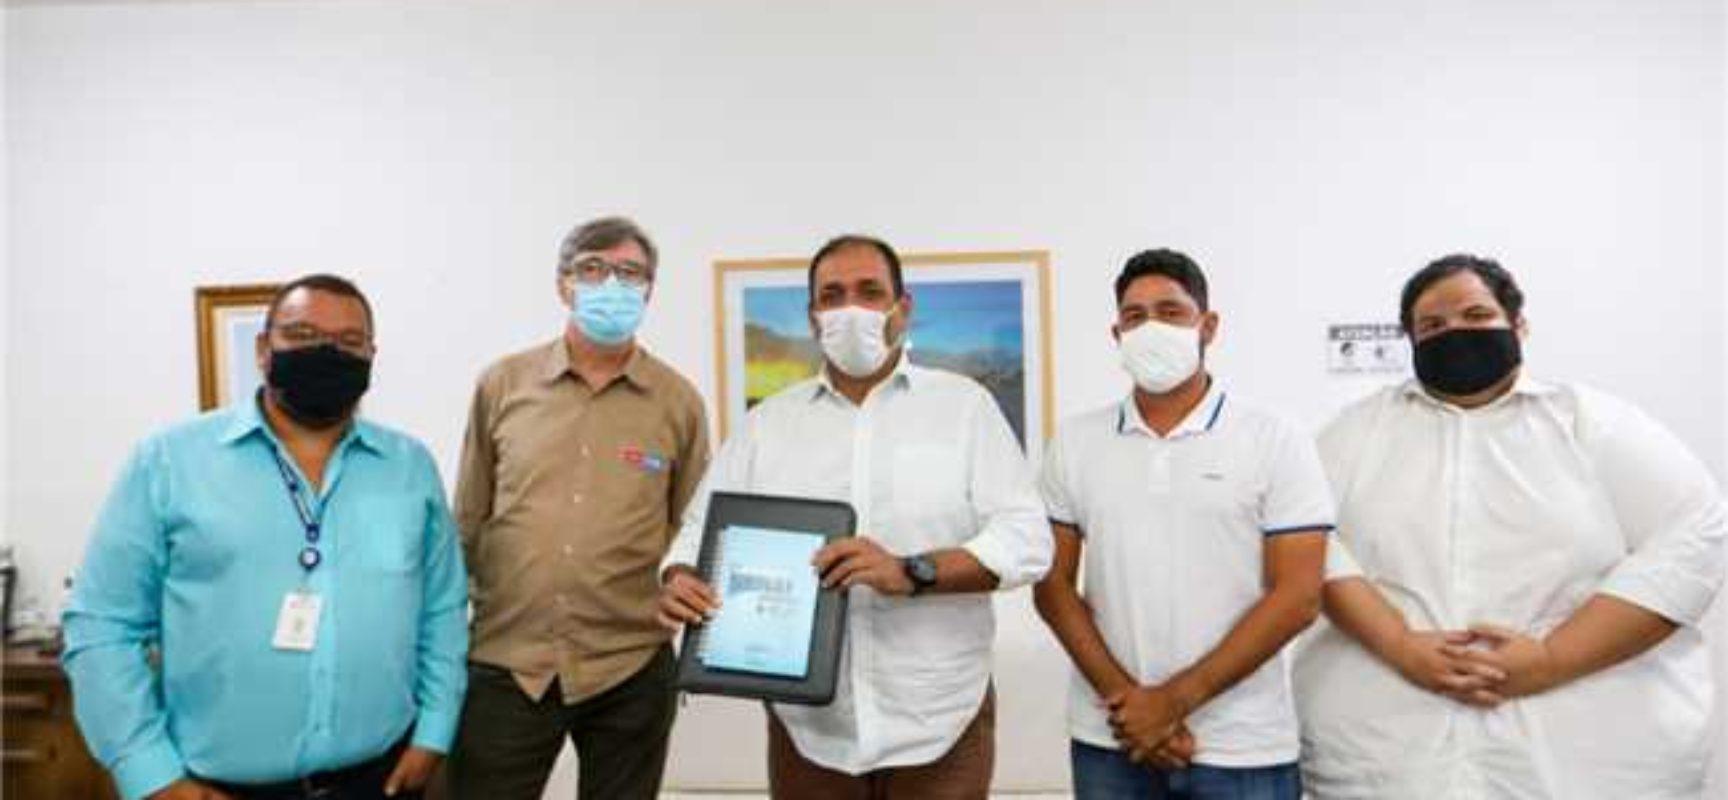 Parceria entre Prefeitura e SENAI oferece cursos online para população assistida pelo CRAS